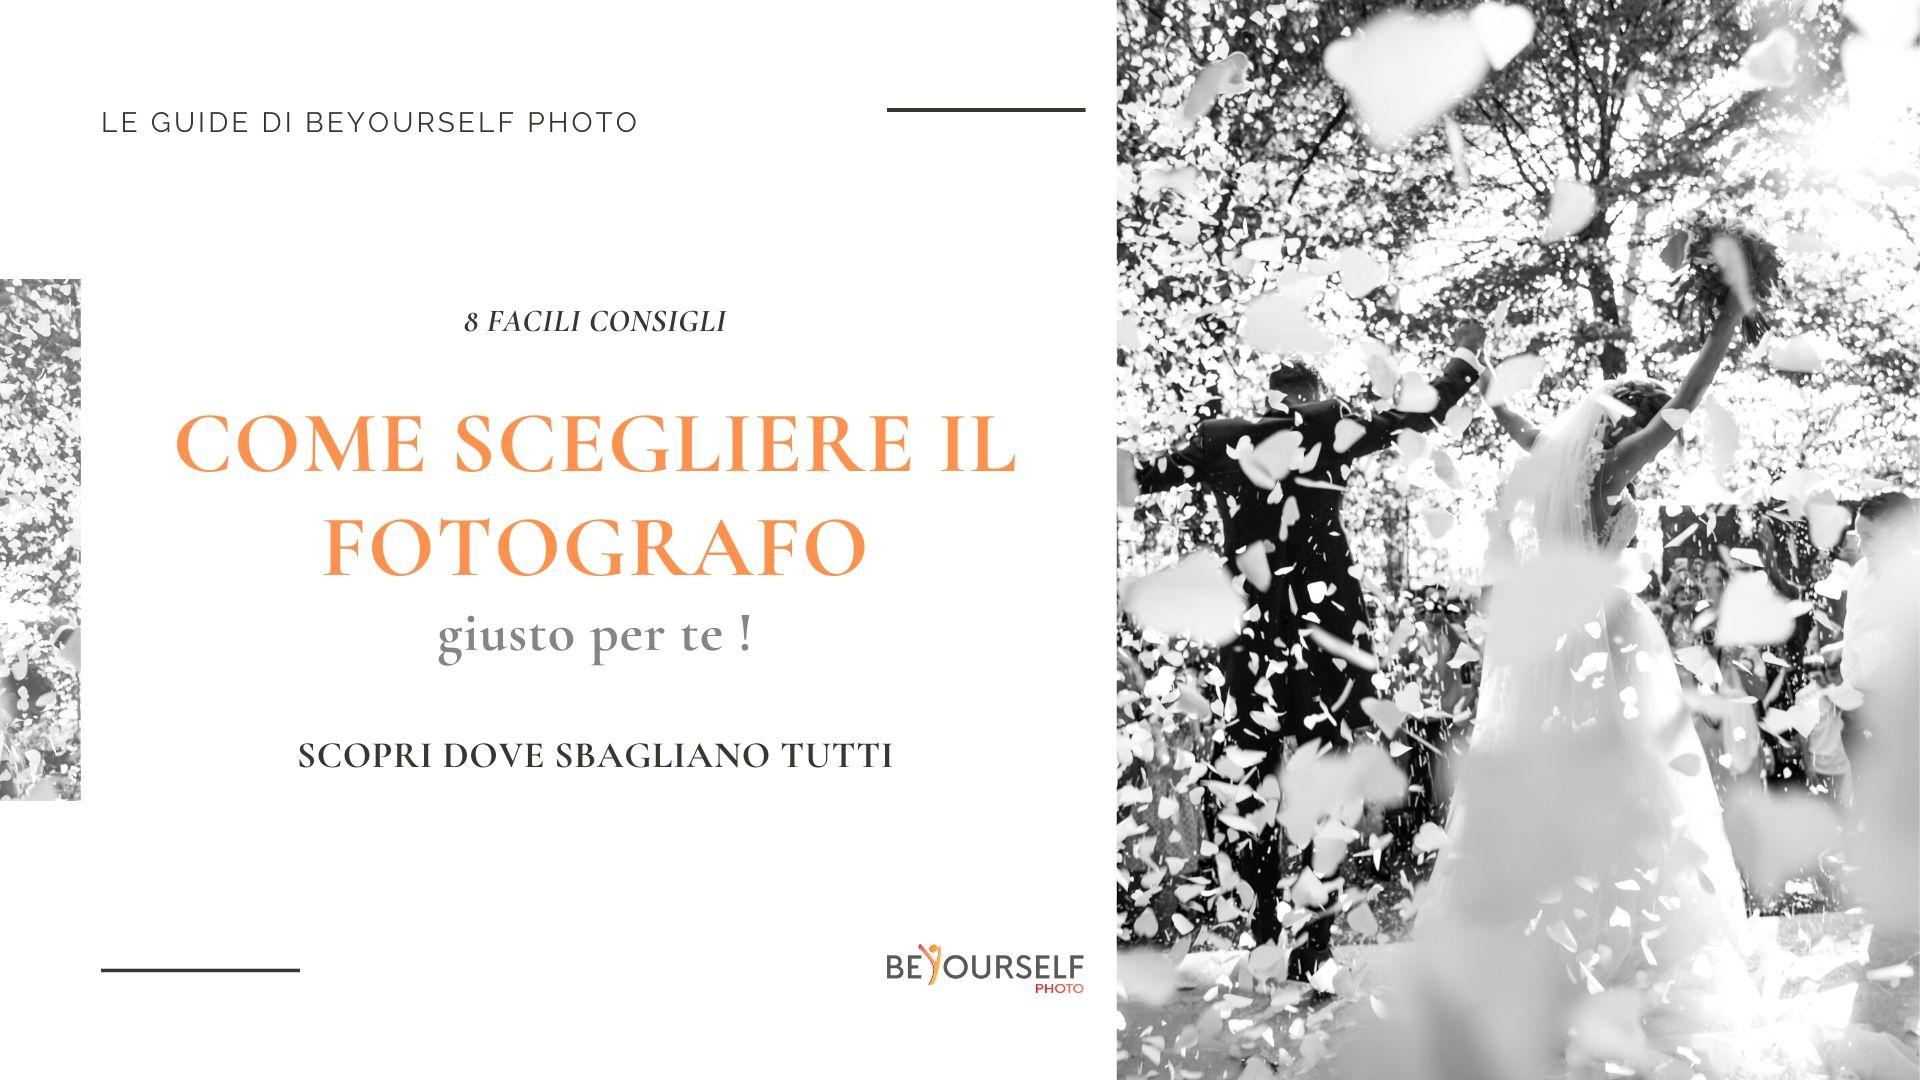 beyourself_come-scegliere-il-fotografo-2